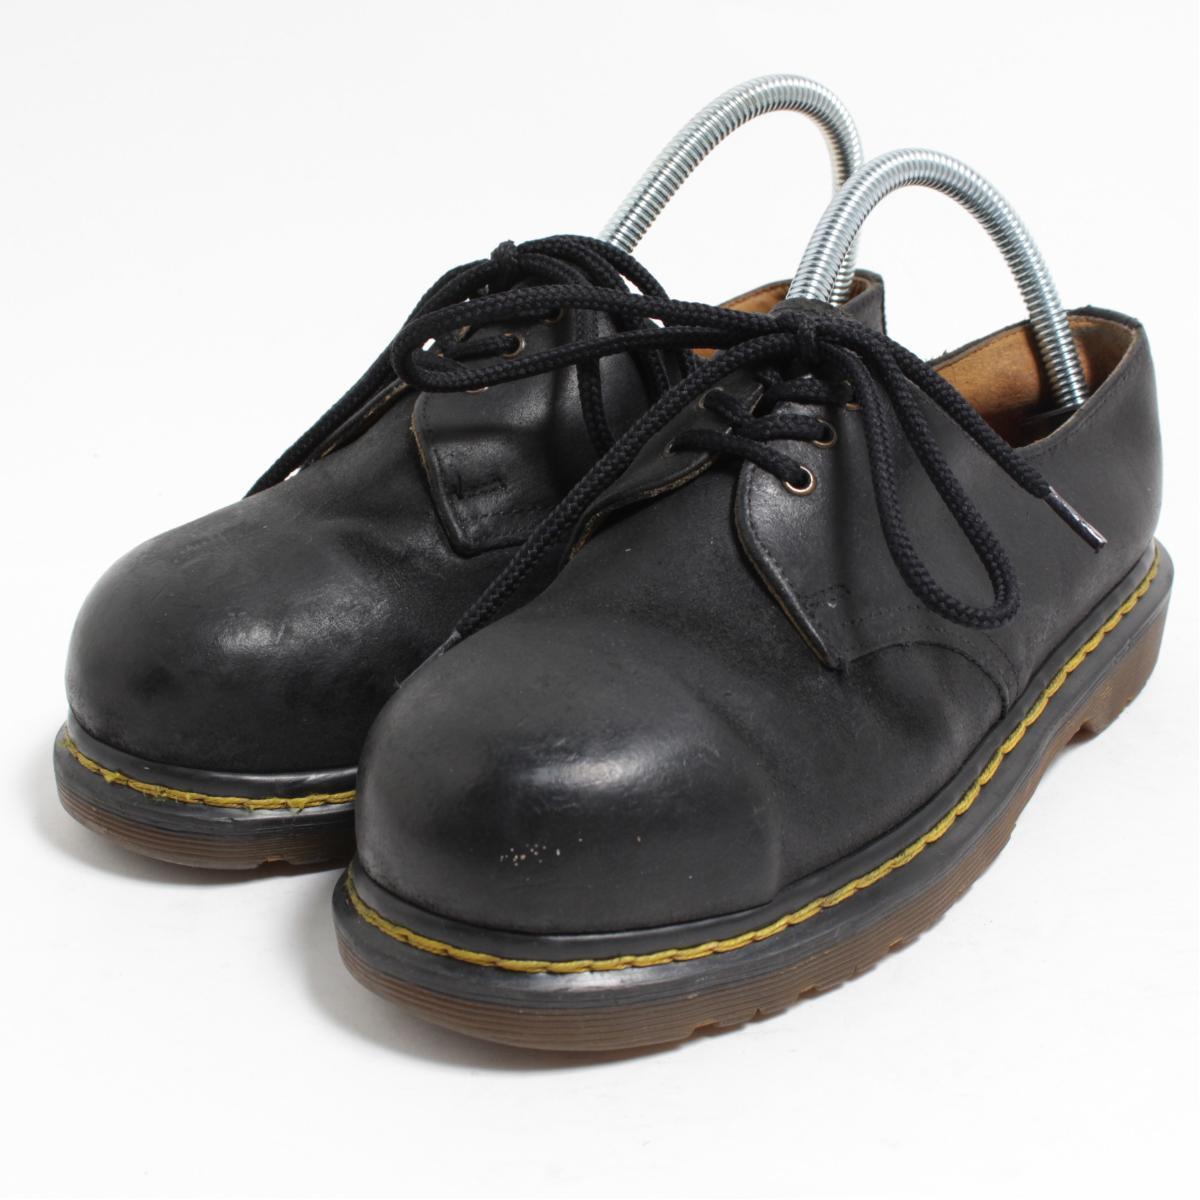 ドクターマーチン Dr.Martens 3ホールシューズ スチールトゥ 英国製 UK4 レディース22.5cm /bon1446 【中古】【古着屋JAM】 【180610】